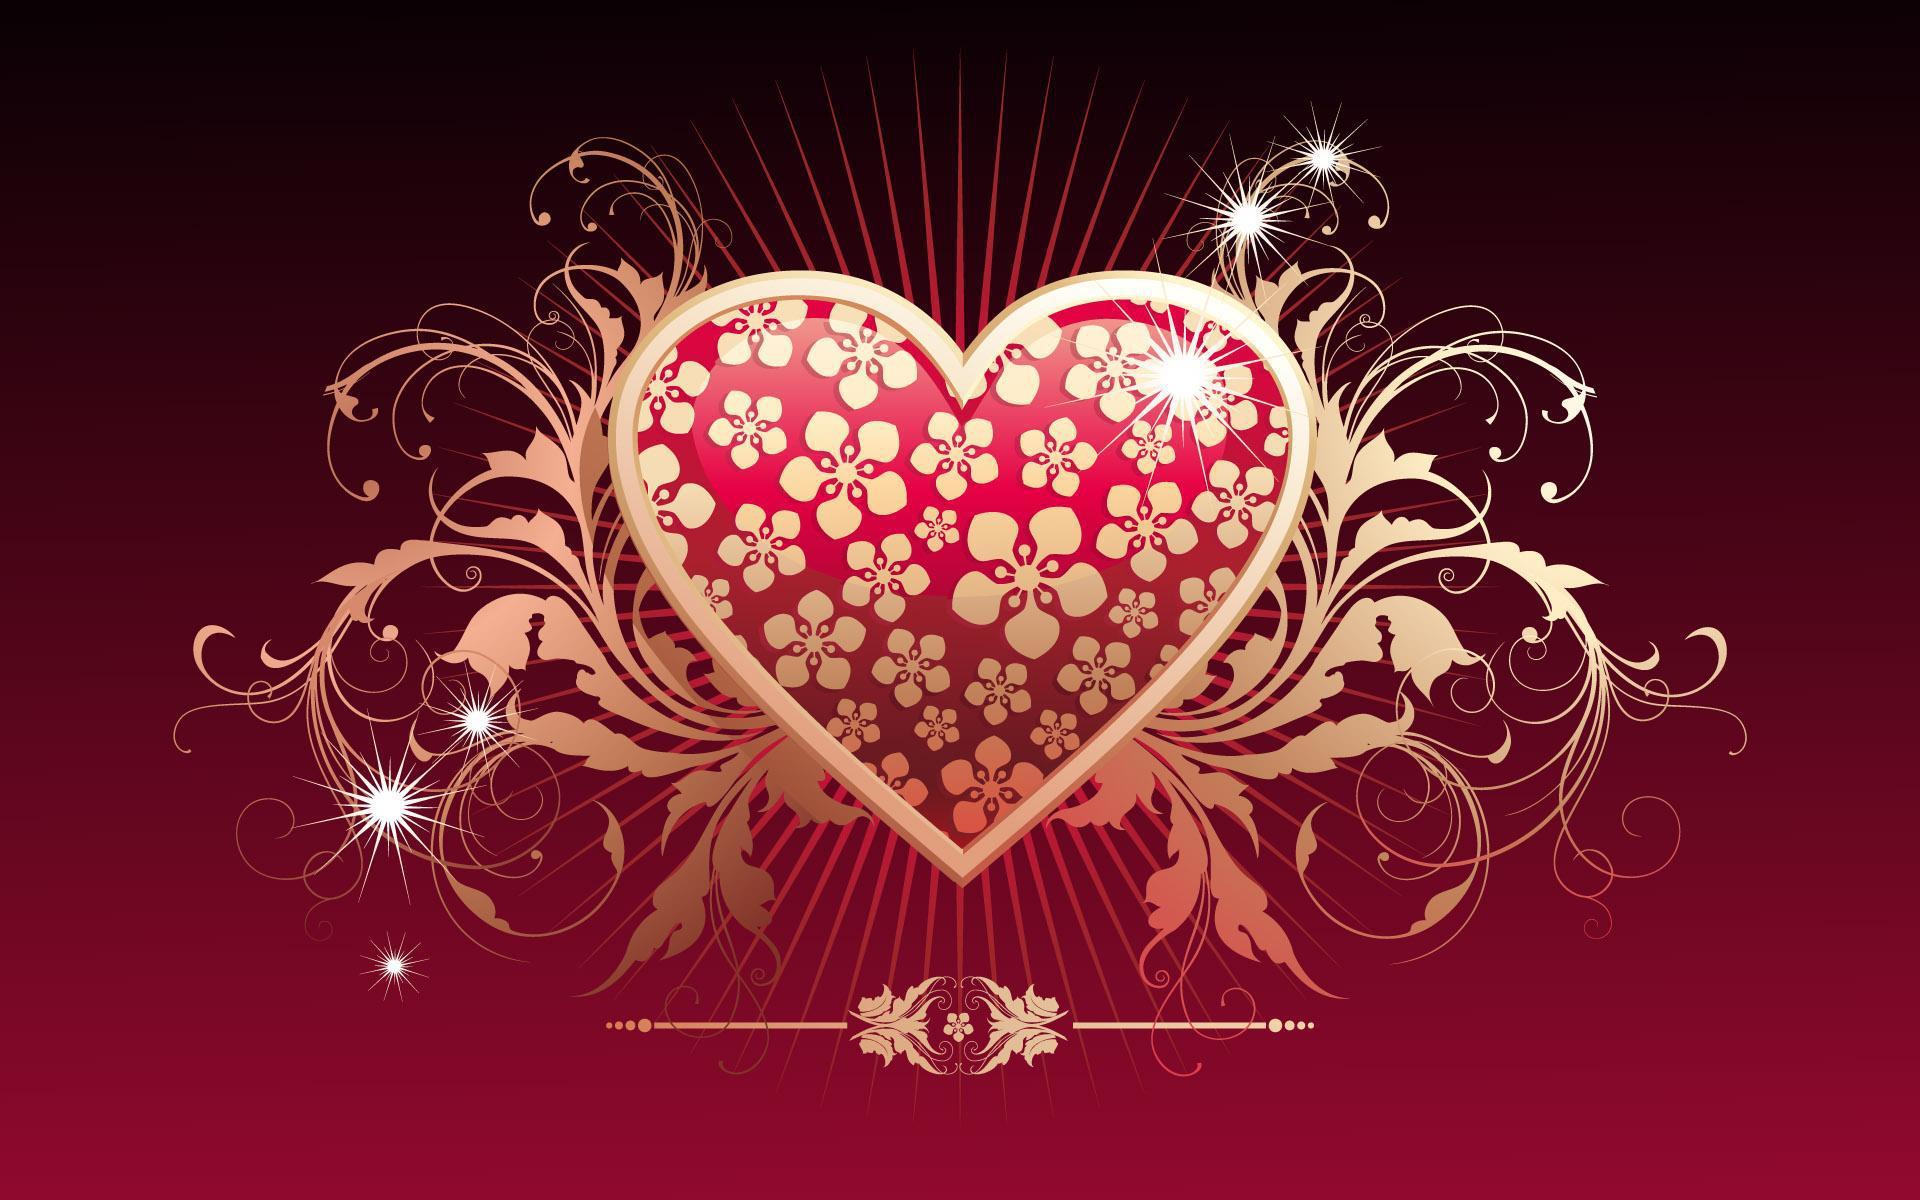 Сердце на день святого валентина картинки